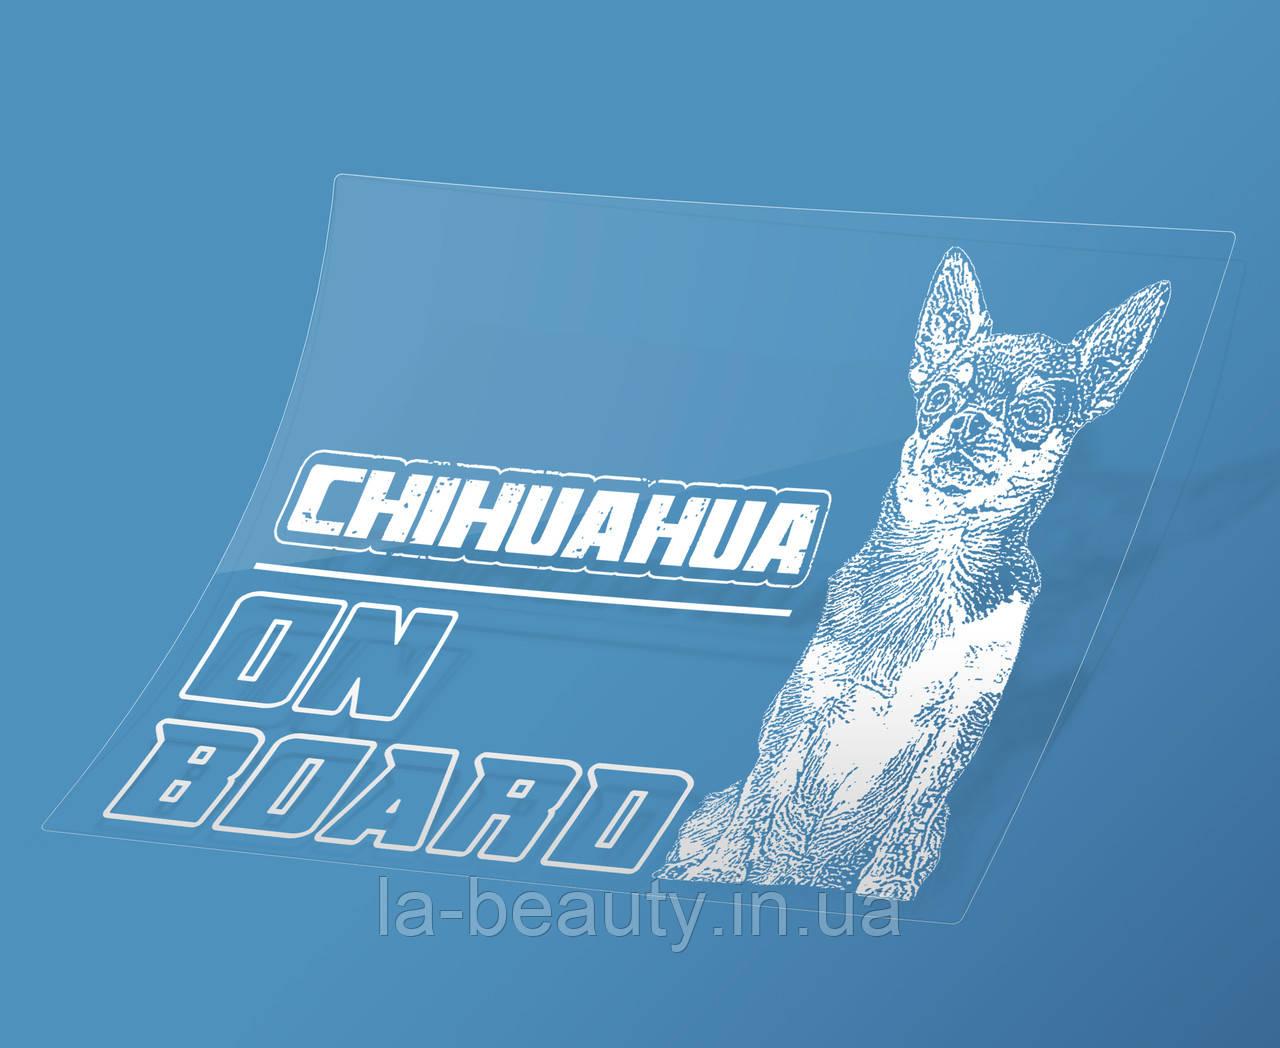 Наклейка на машину/авто Чихуахуа гладкошерстный на борту (Chihuahua smooth-haired on Board)